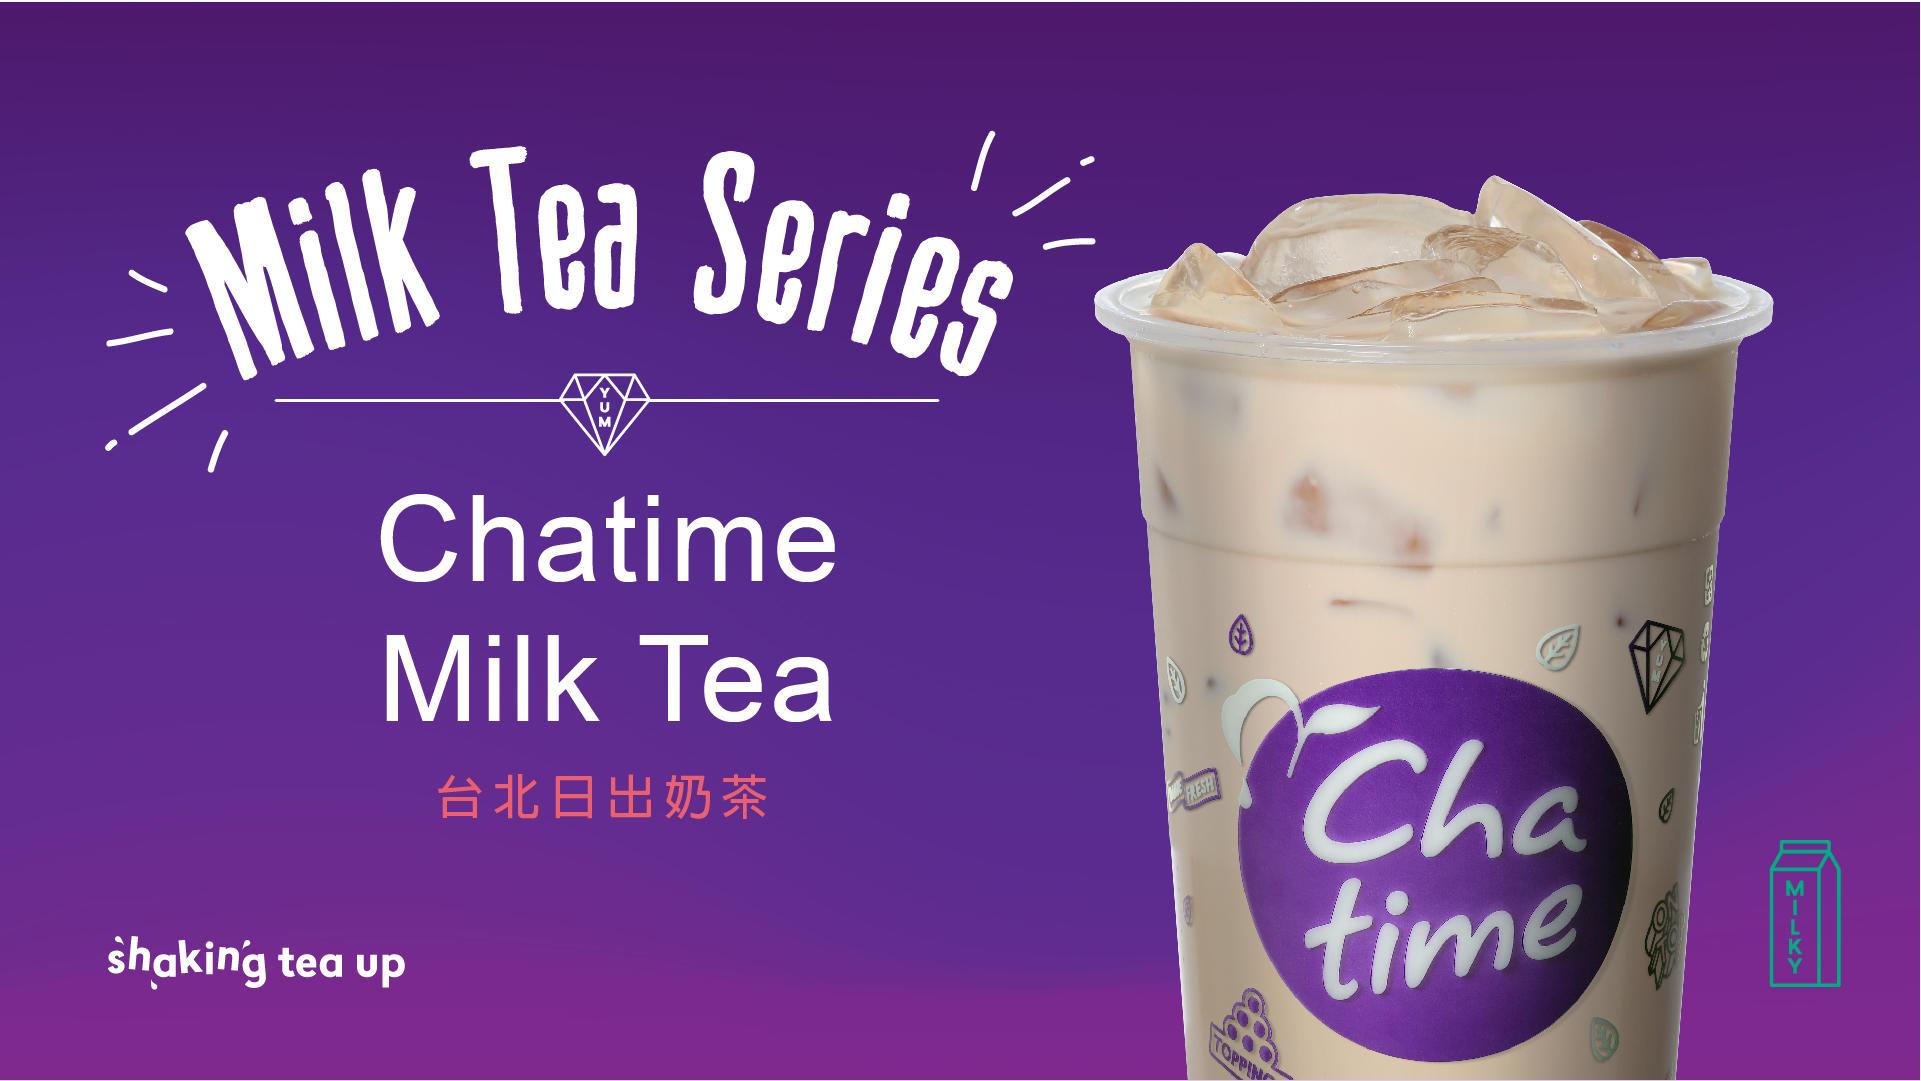 Chatime Bubble Tea & Slurping Noodles image 25